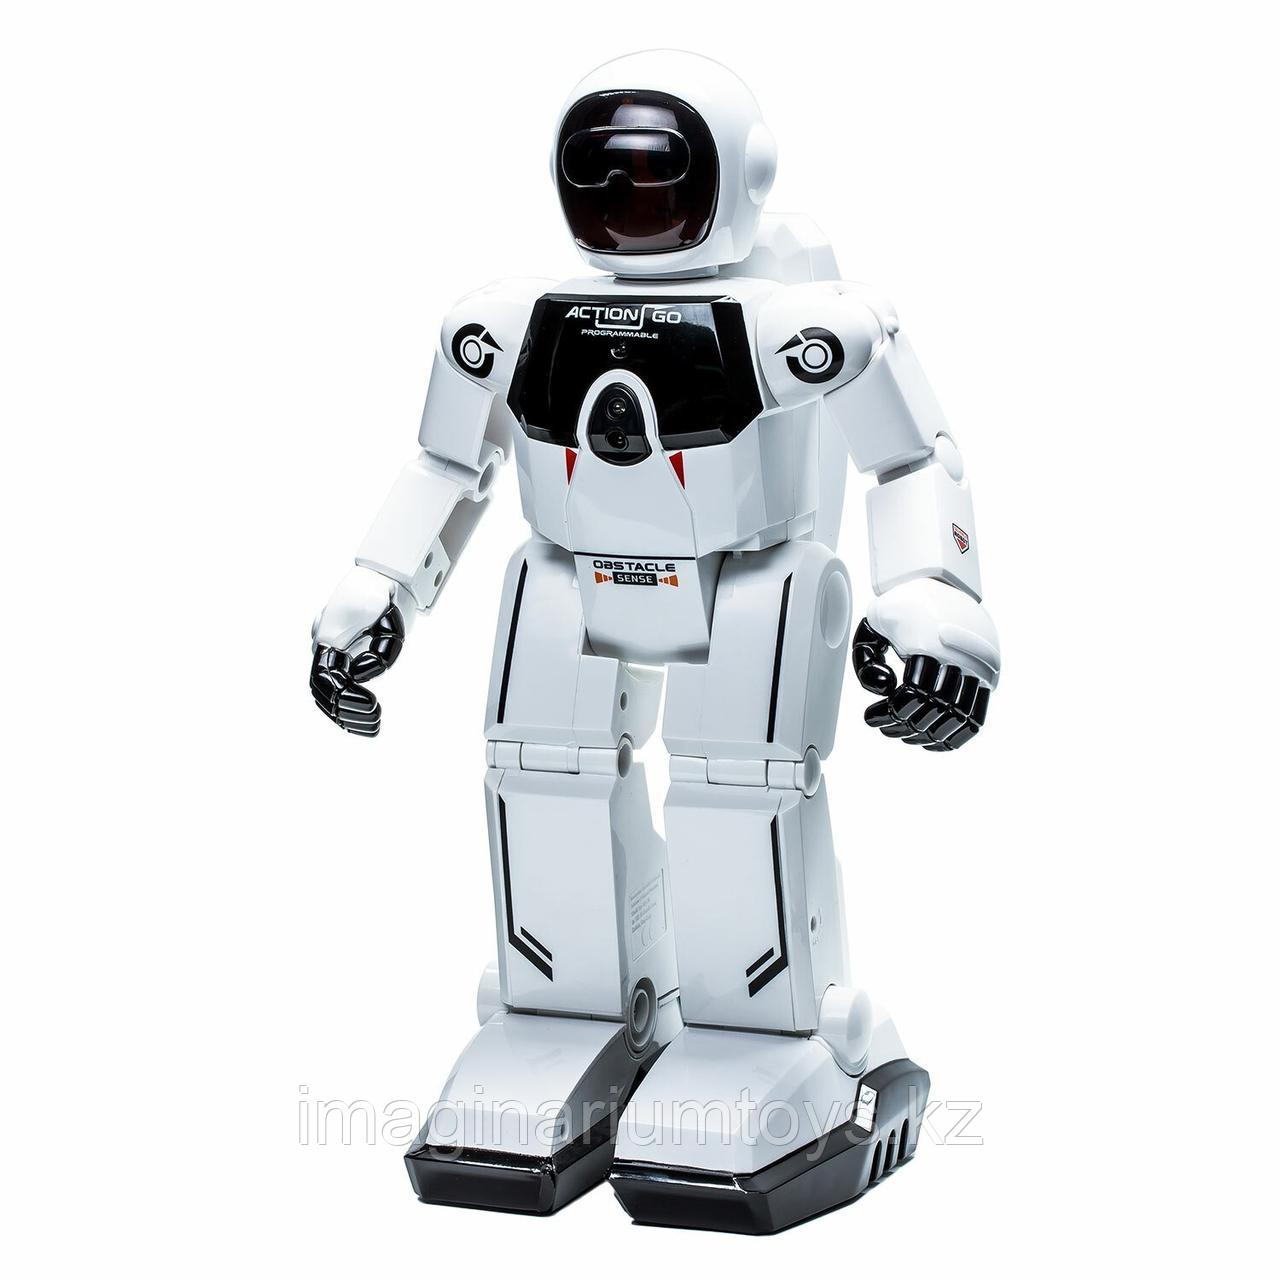 Робот Бот программируемый 36 команд Silverlit